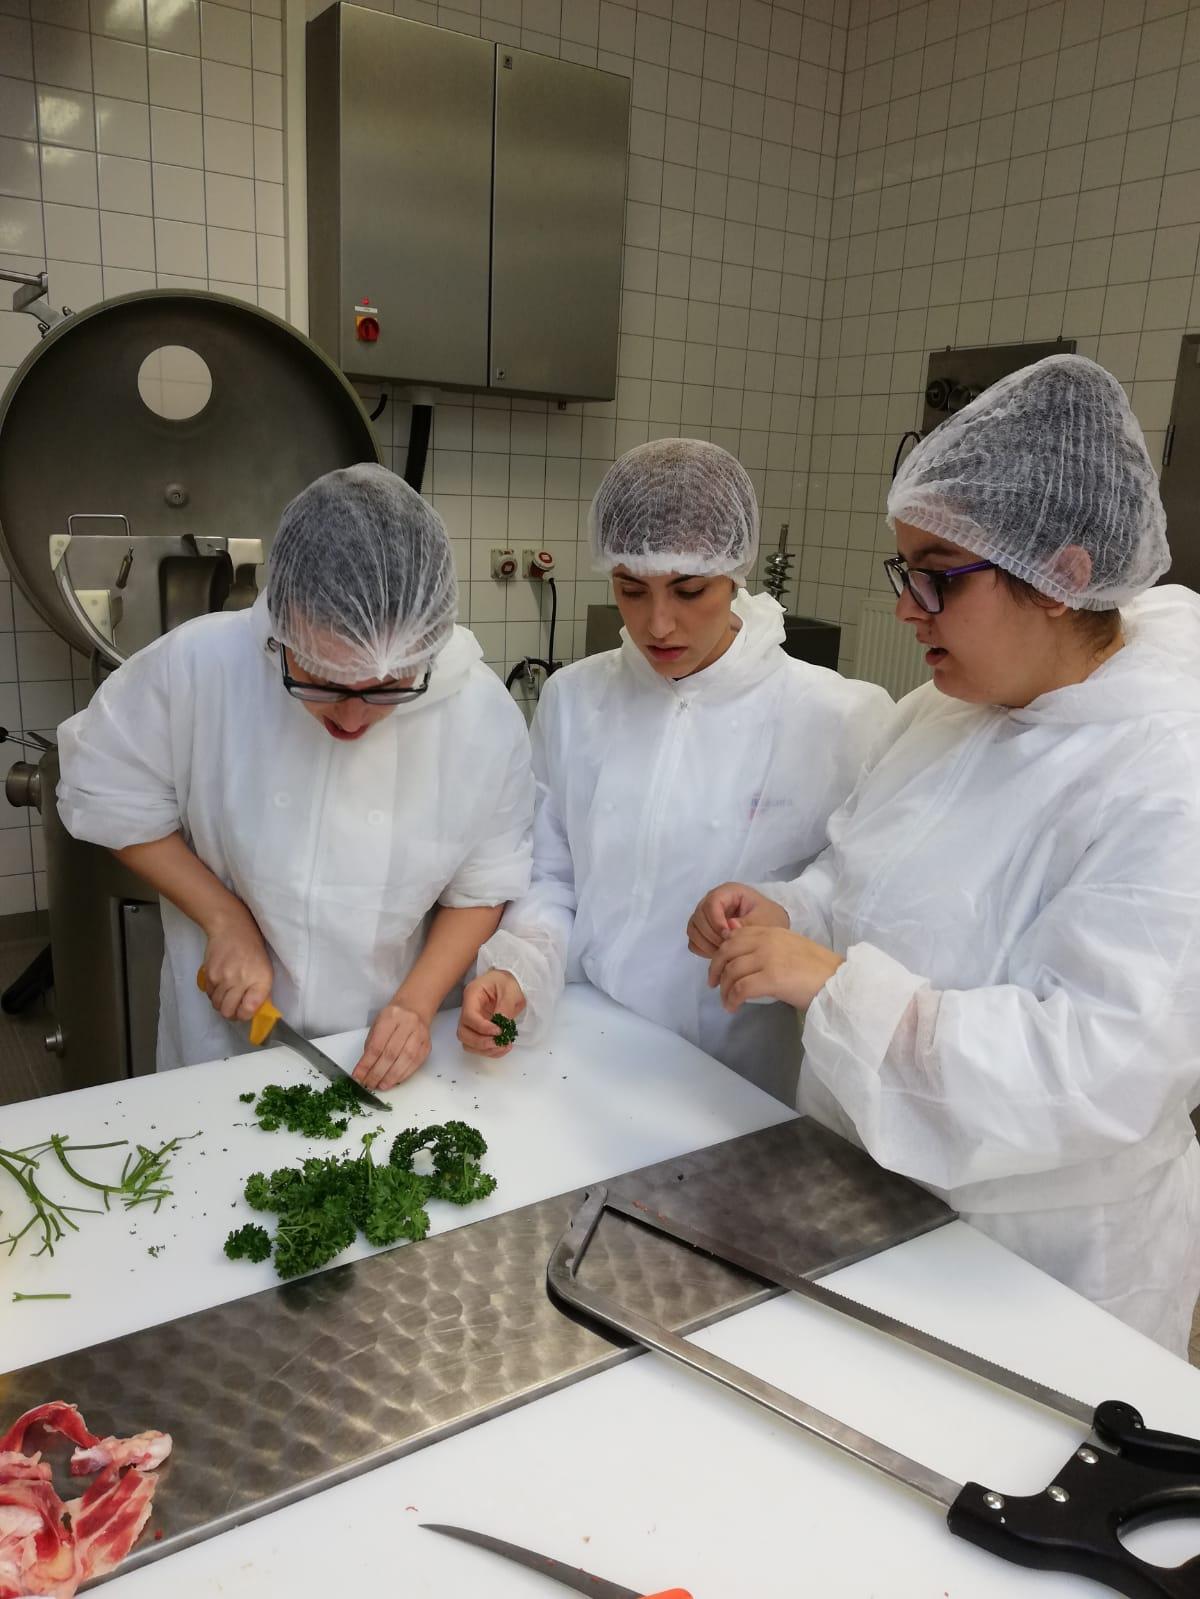 Proyecto con los alumnos de la escuela asociada: Producción de salchicha alemana